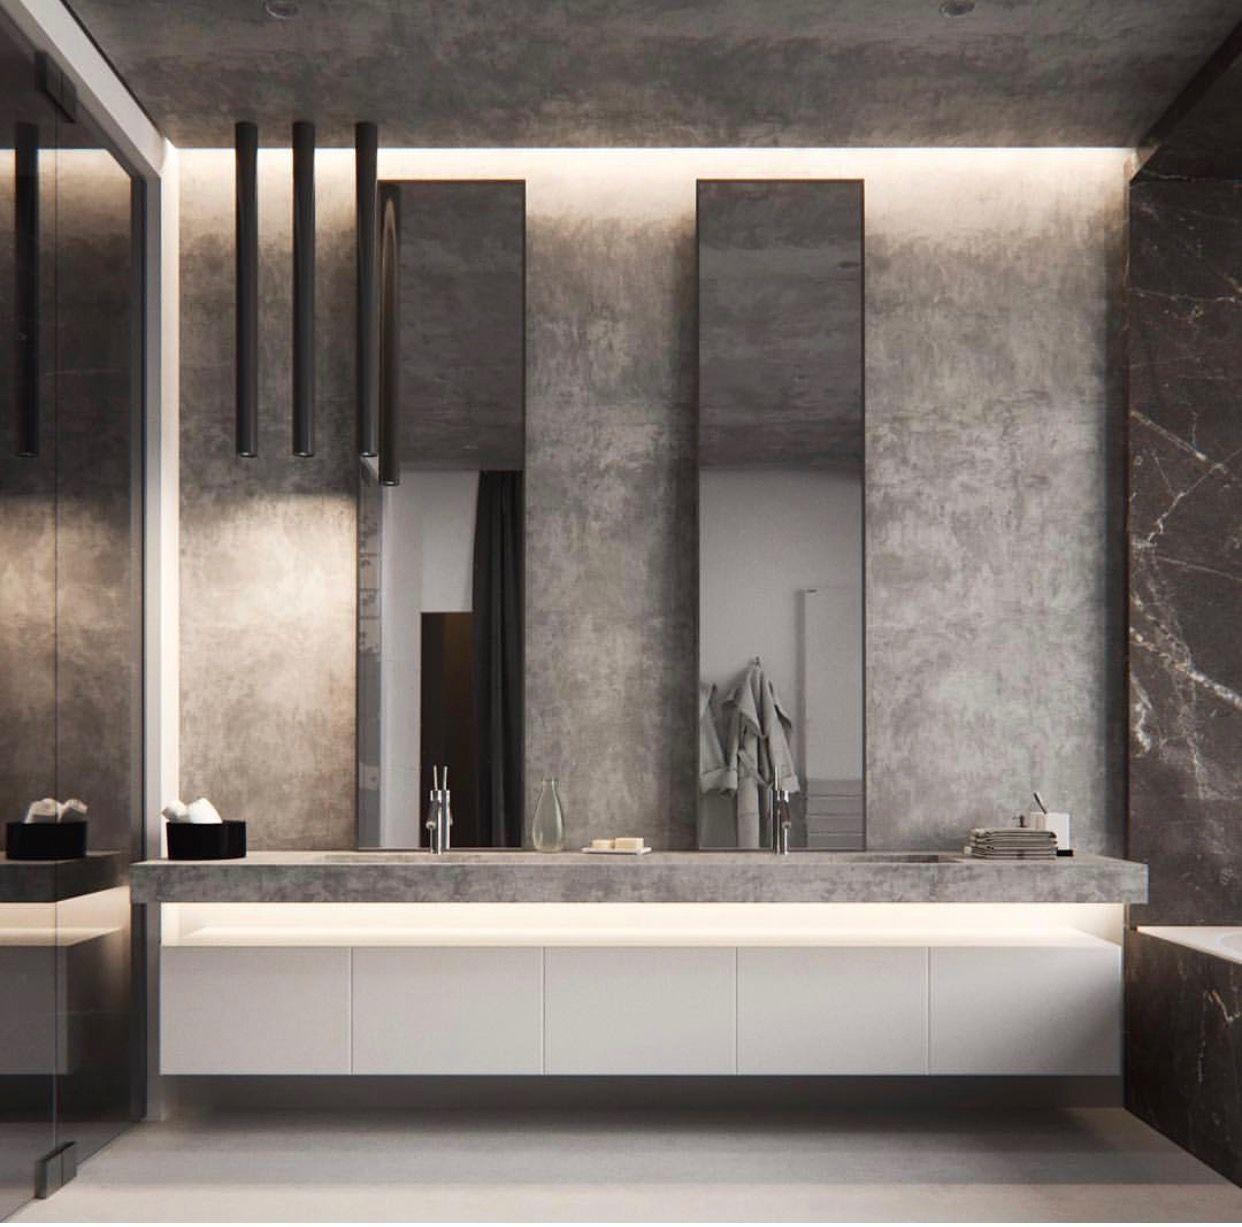 Remarkable Bathroom Mirror Ideas Searching In The Mirror Can Be An Importan Minimalist Bathroom Design Luxury Bathroom Interior Contemporary Bathroom Designs